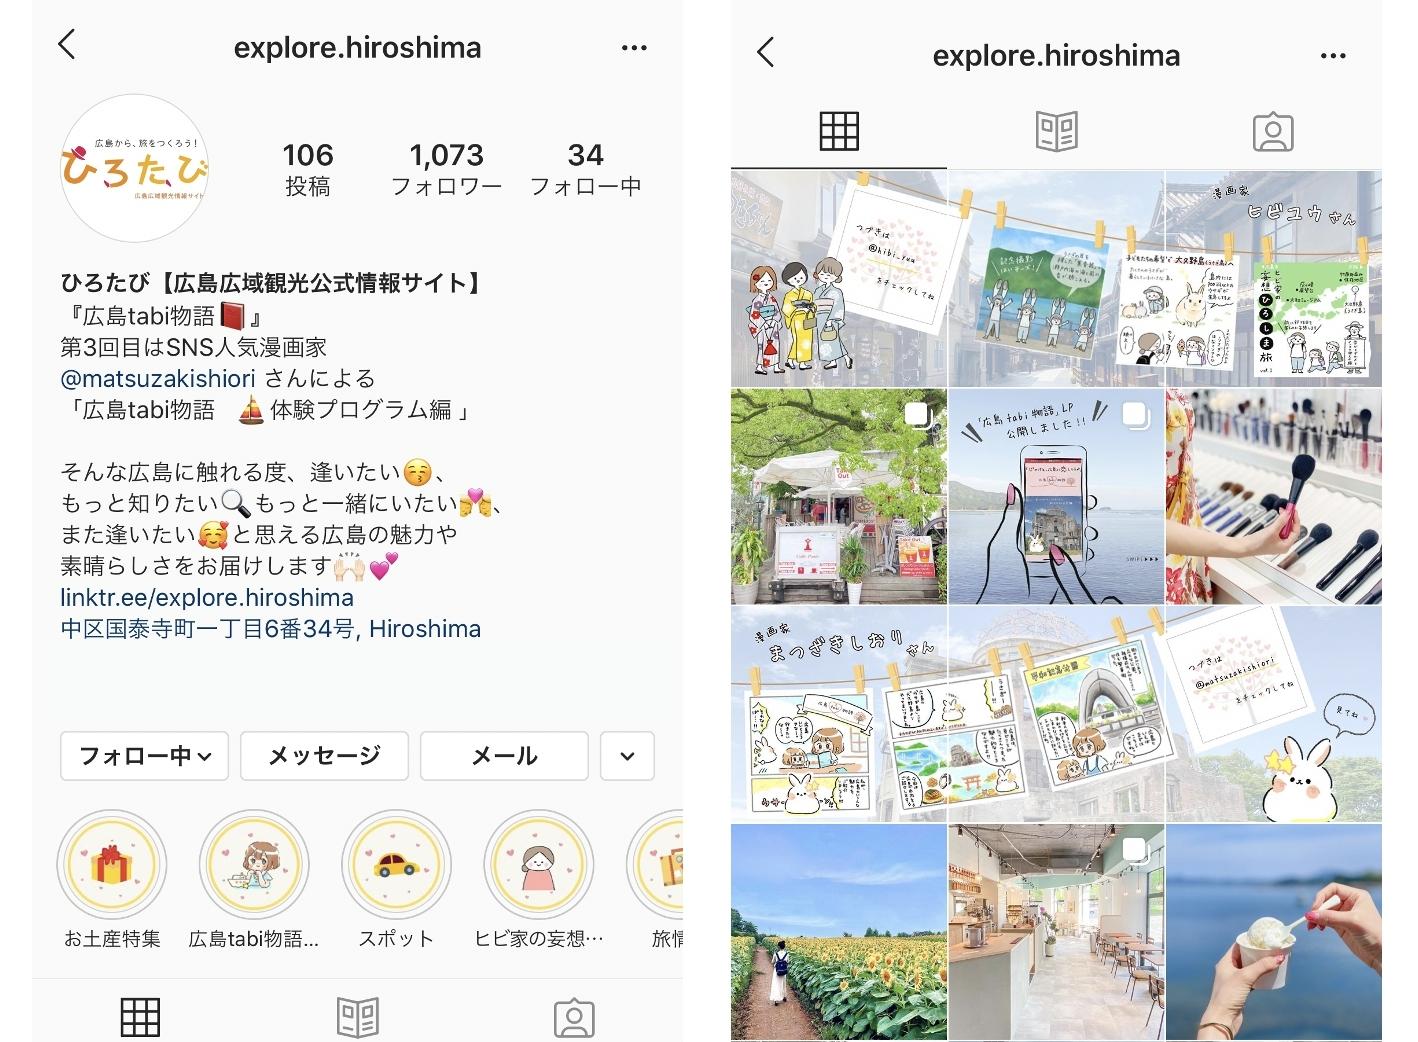 広島県・広島市の観光情報インスタグラムもプロデュース